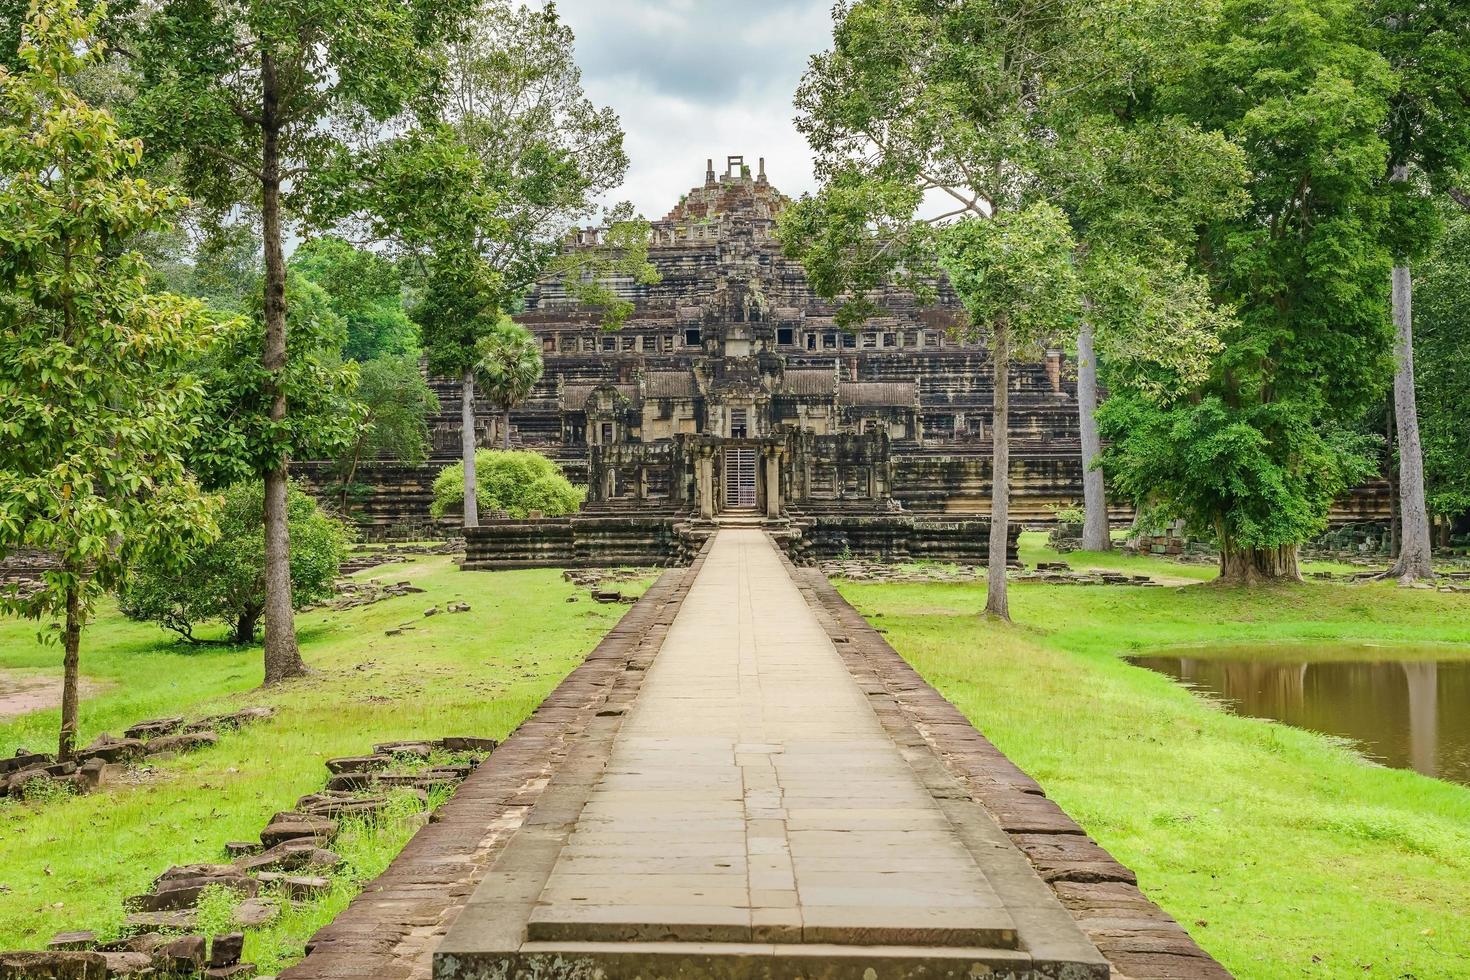 Blick auf den Baphuon-Tempel, Angkor Thom, Siem Reap, Kambodscha foto